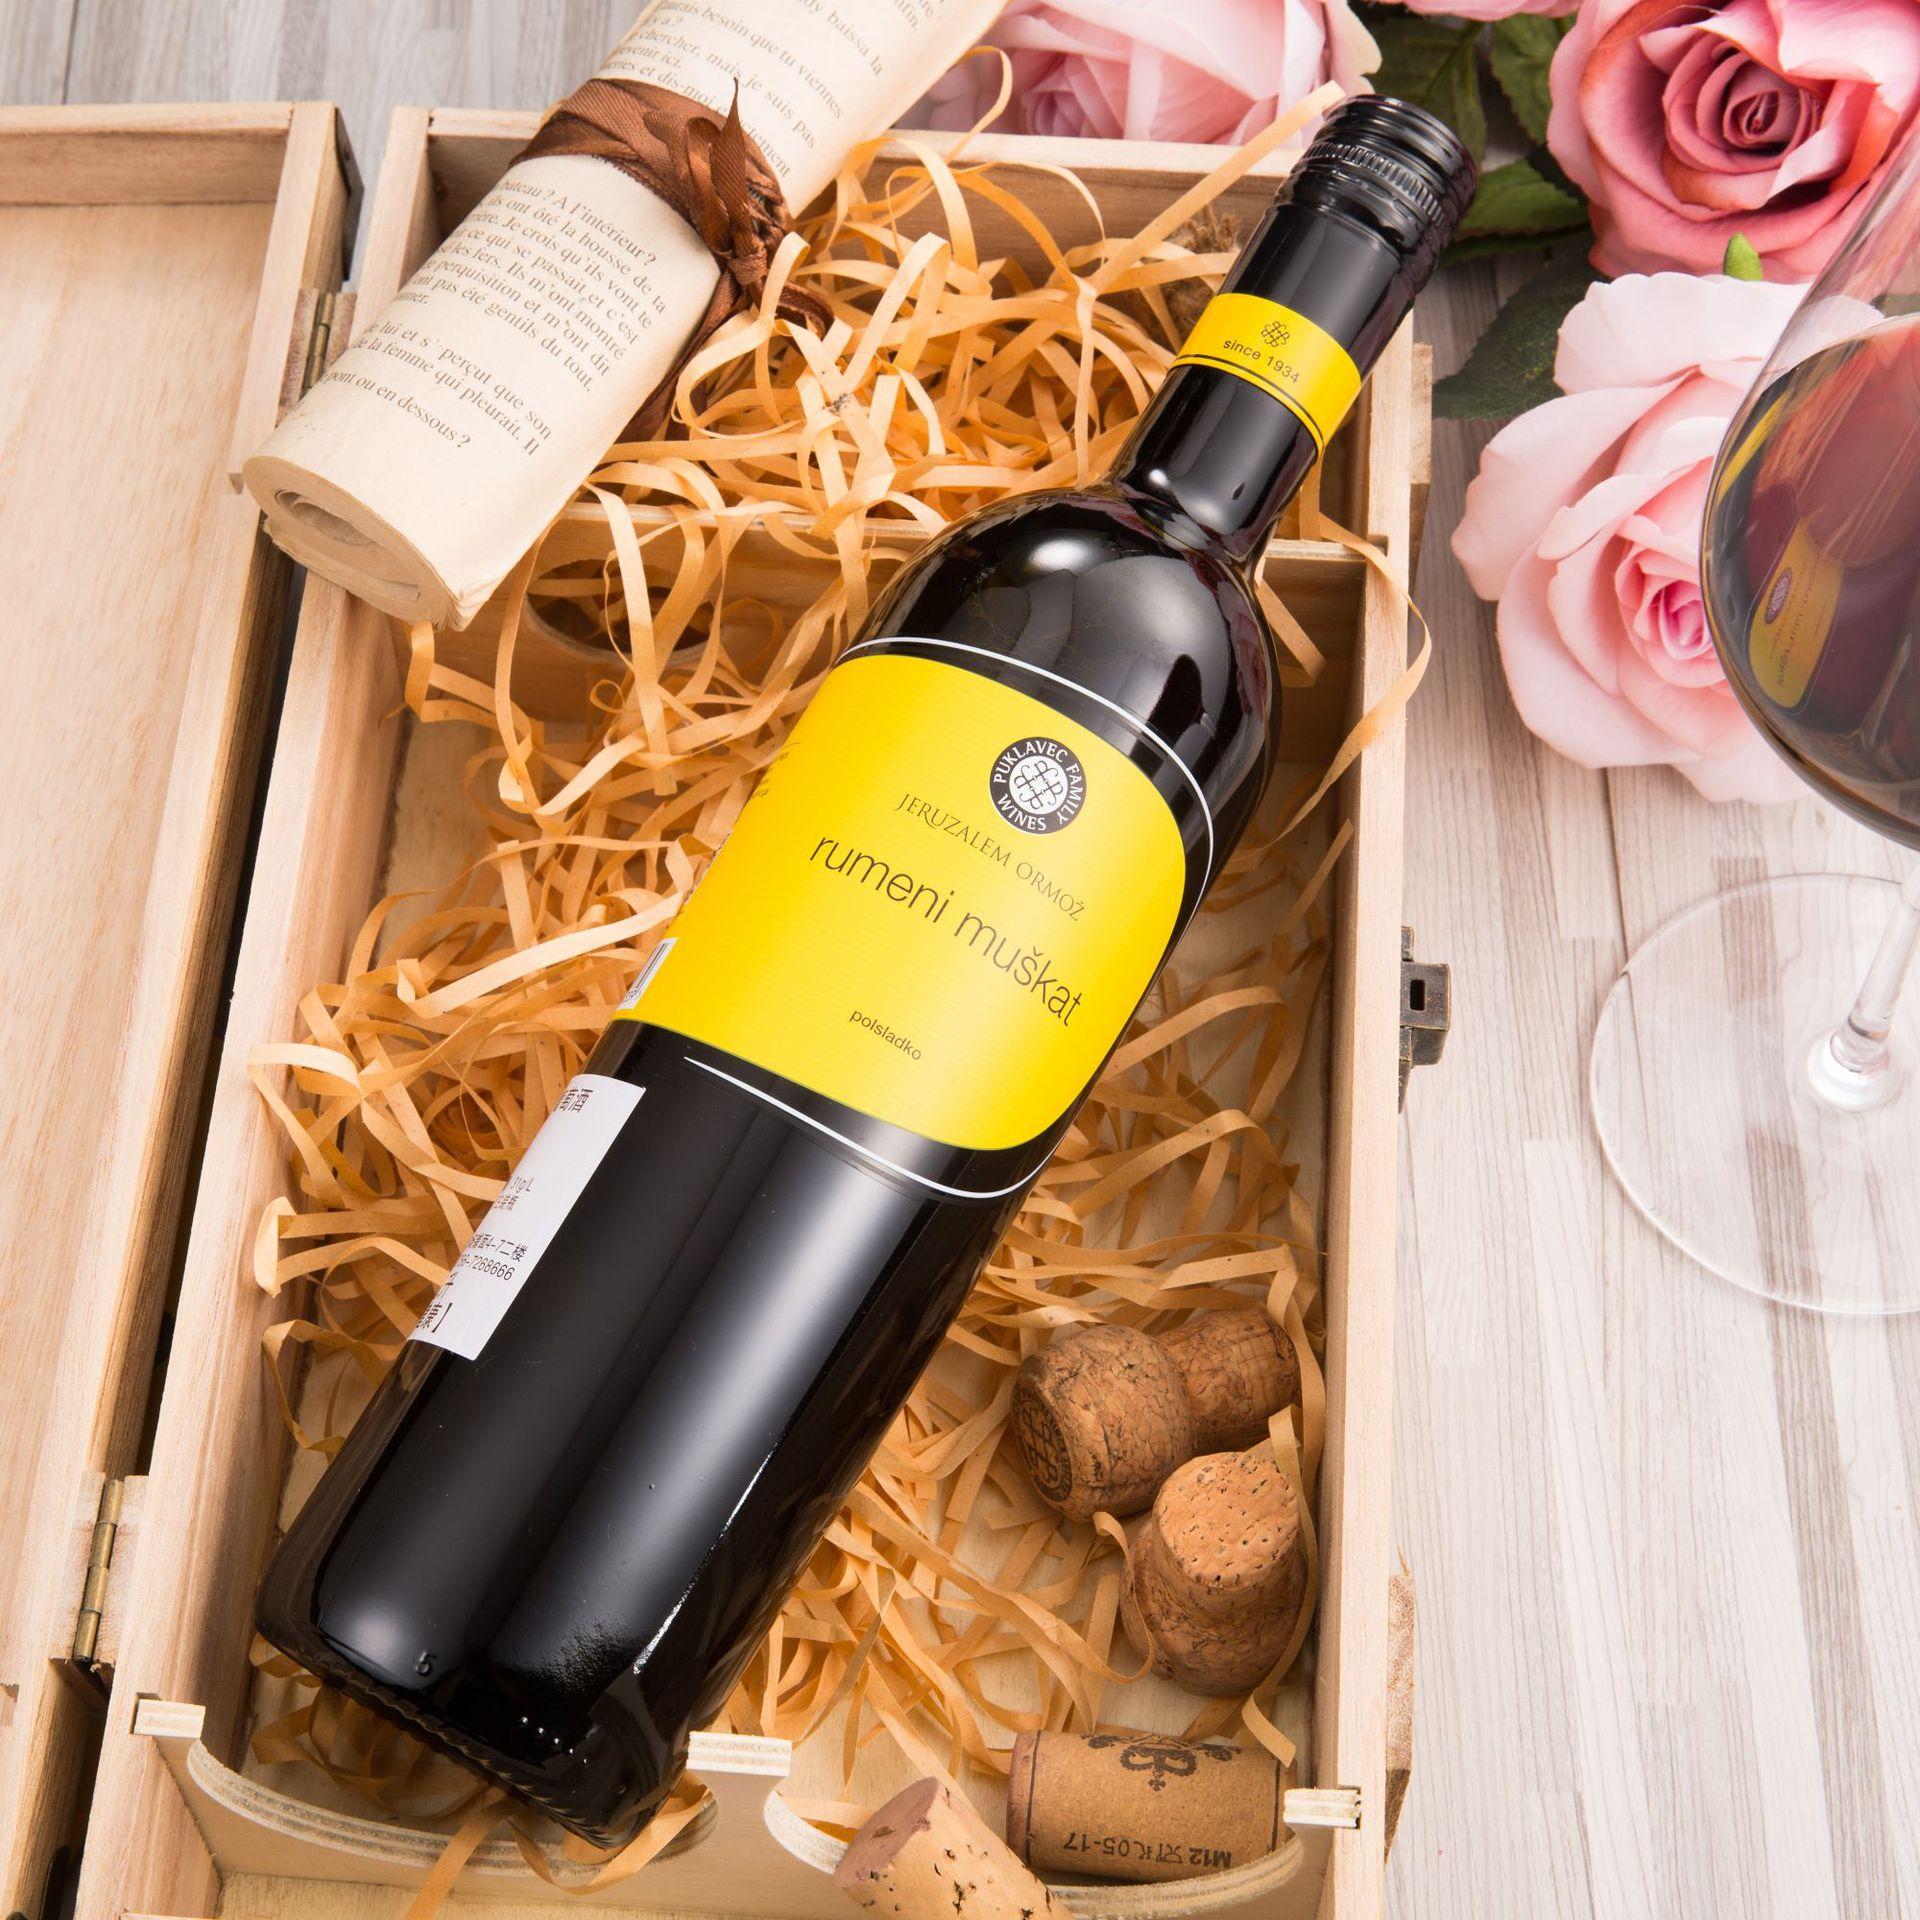 麝香红酒进口白葡萄酒 原瓶进口红酒斯洛文尼白葡萄麝香酒